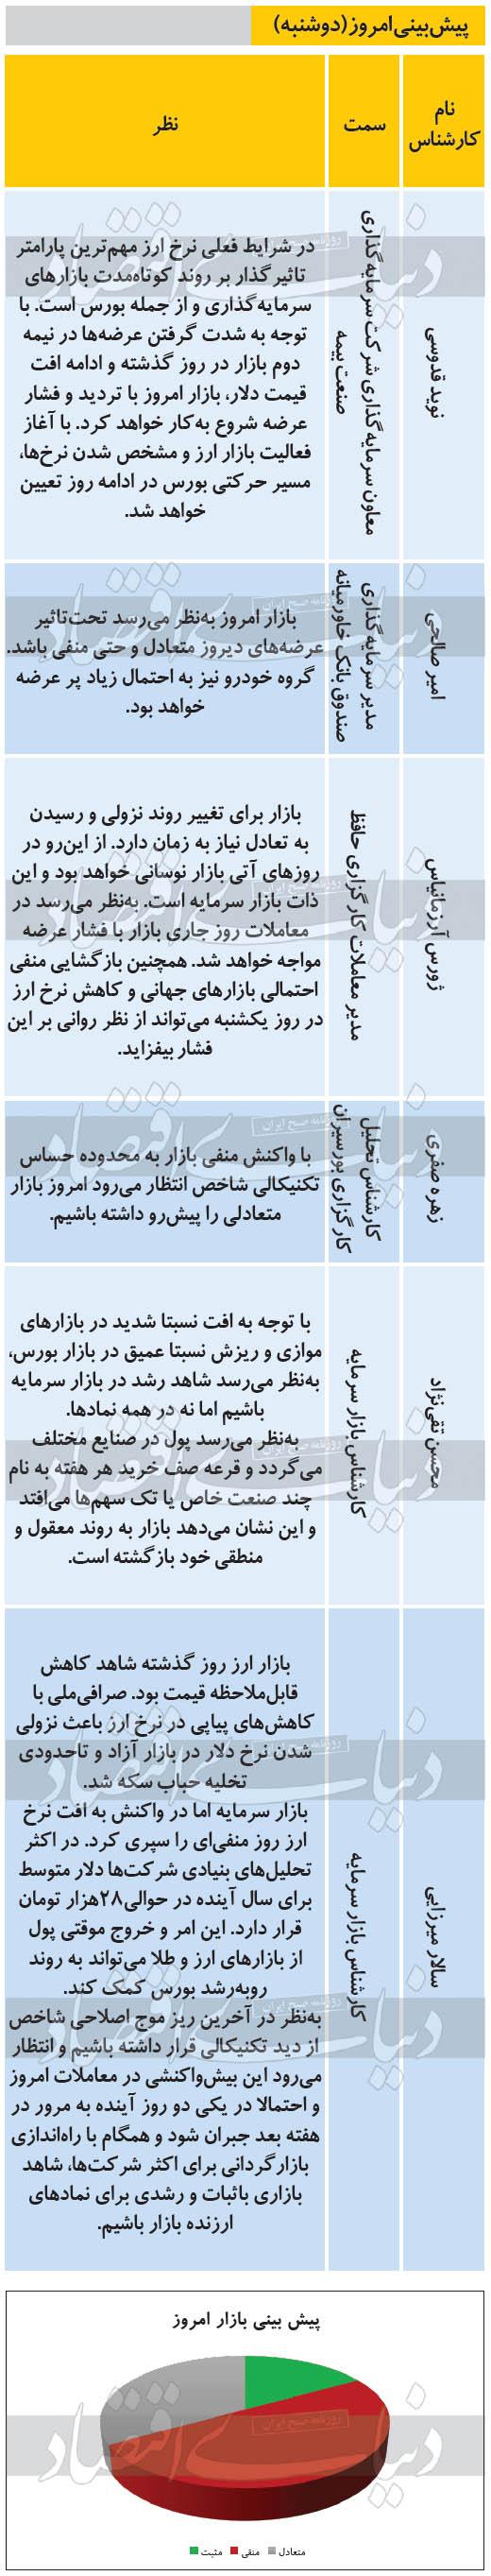 پیش بینی بورس 14 مهر